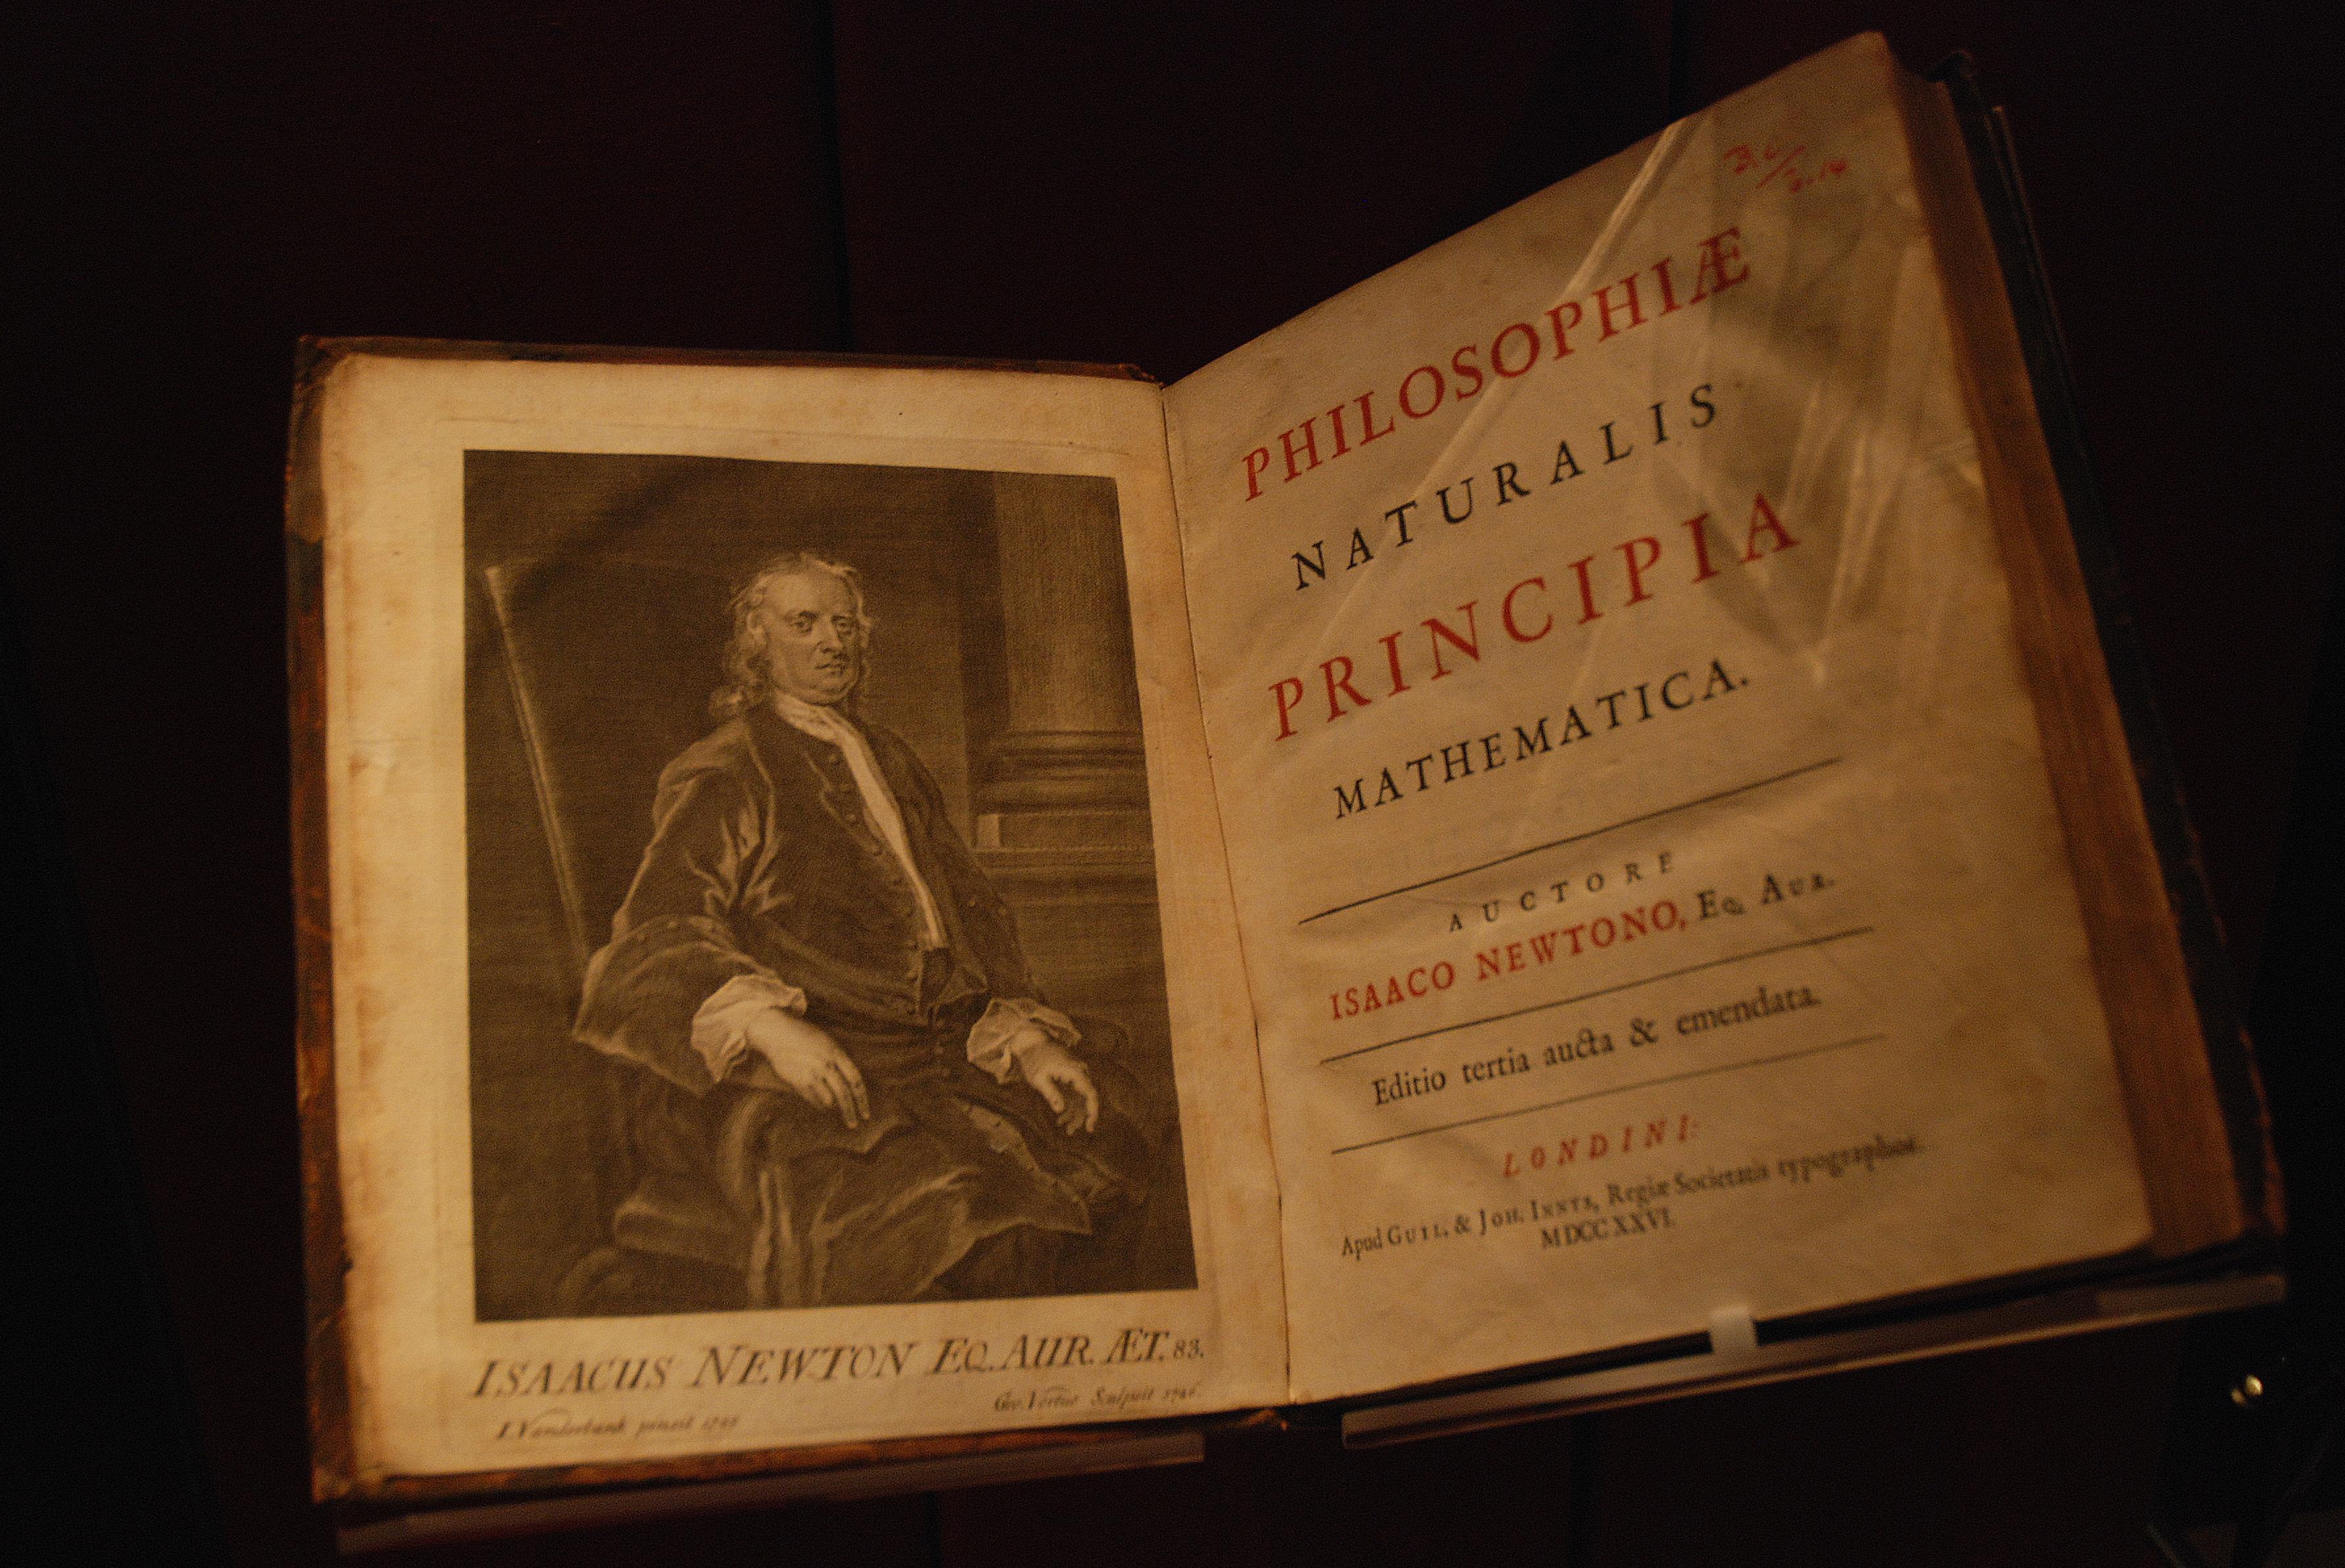 كتاب المبادئ اسحاق نيوتن